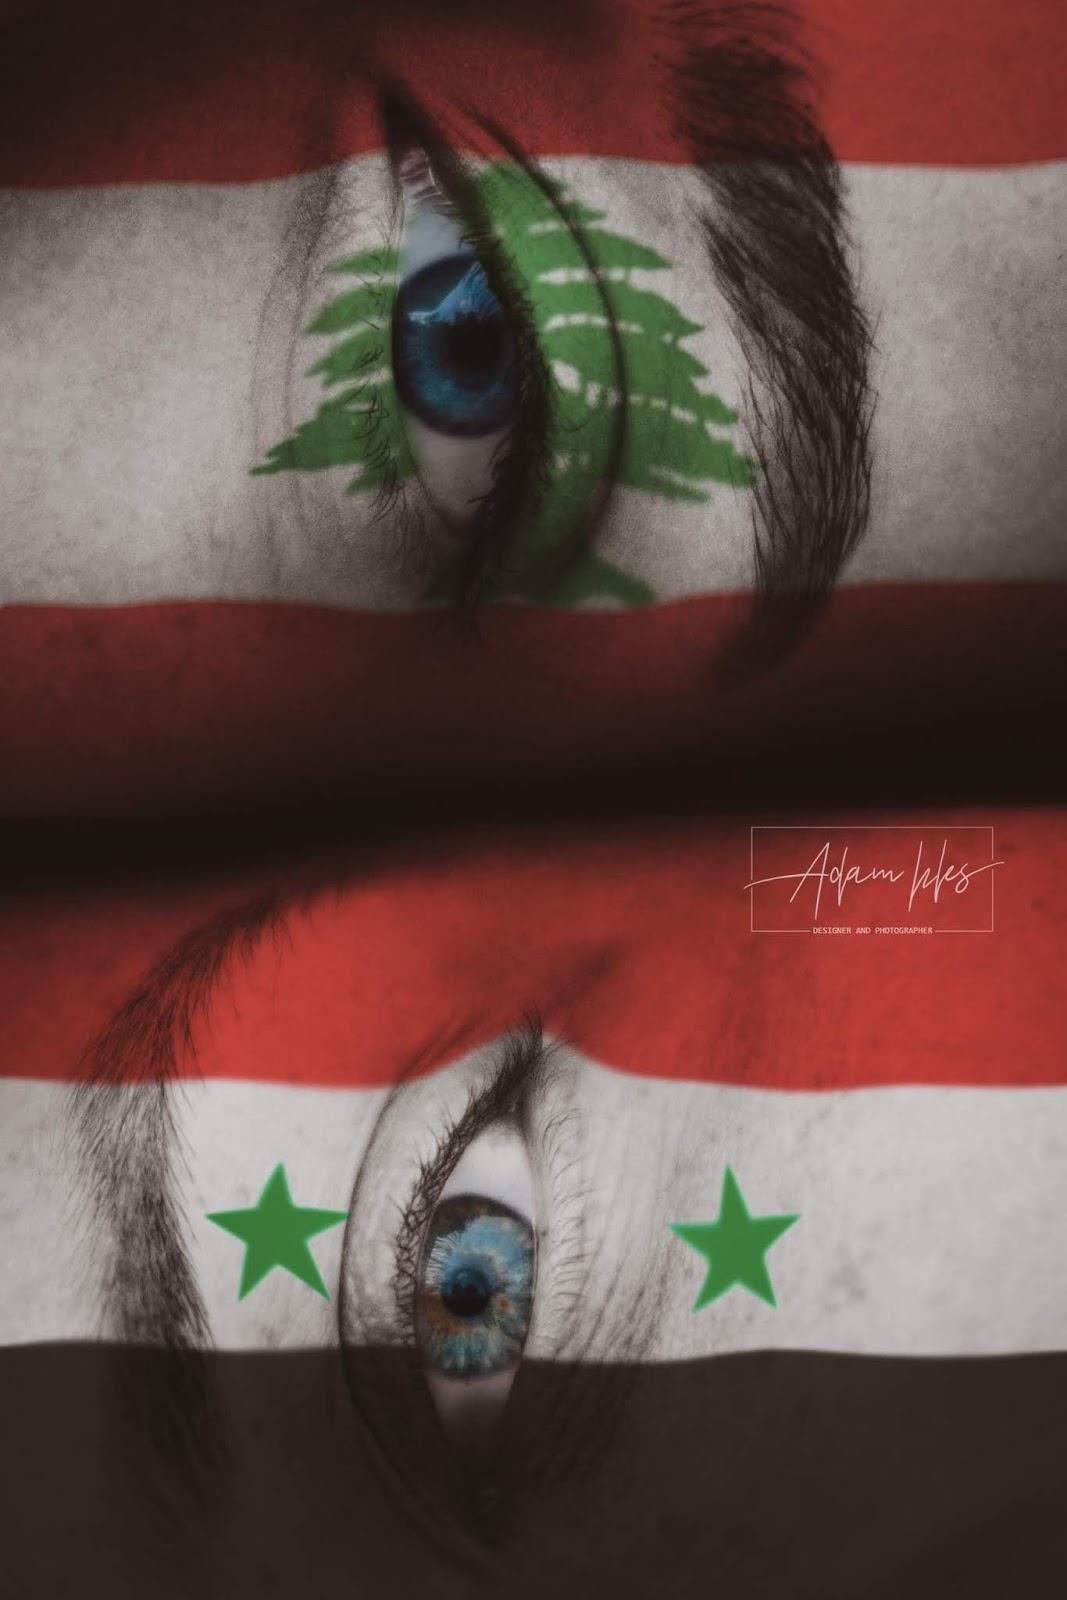 علم سوريا وعلم لبنان